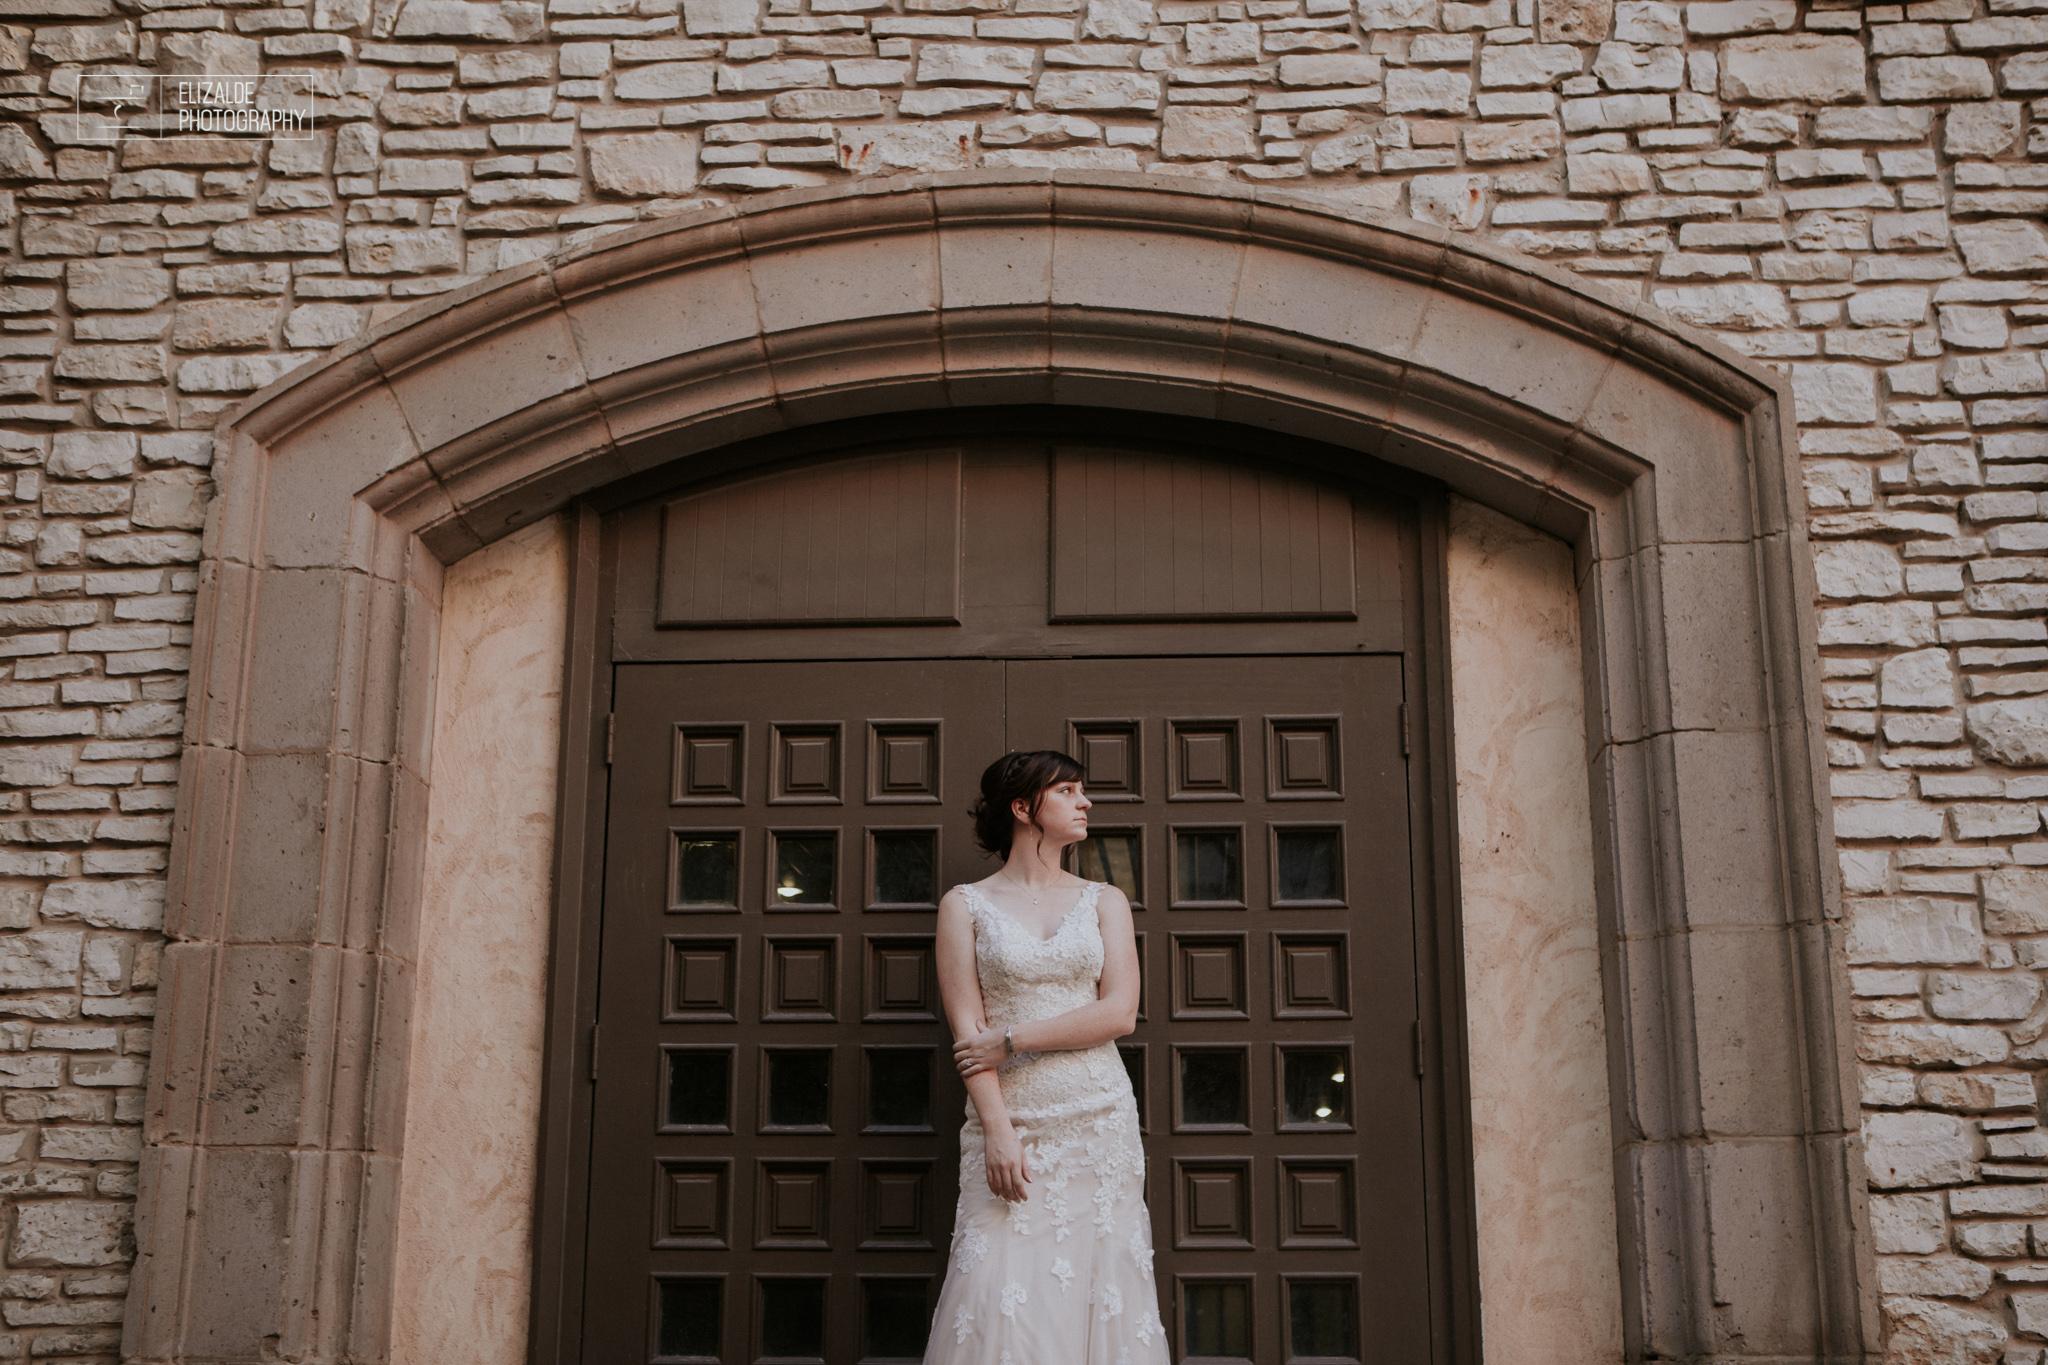 Kelly_Bridals_Omni_DFW_wedding_blog-8.jpg